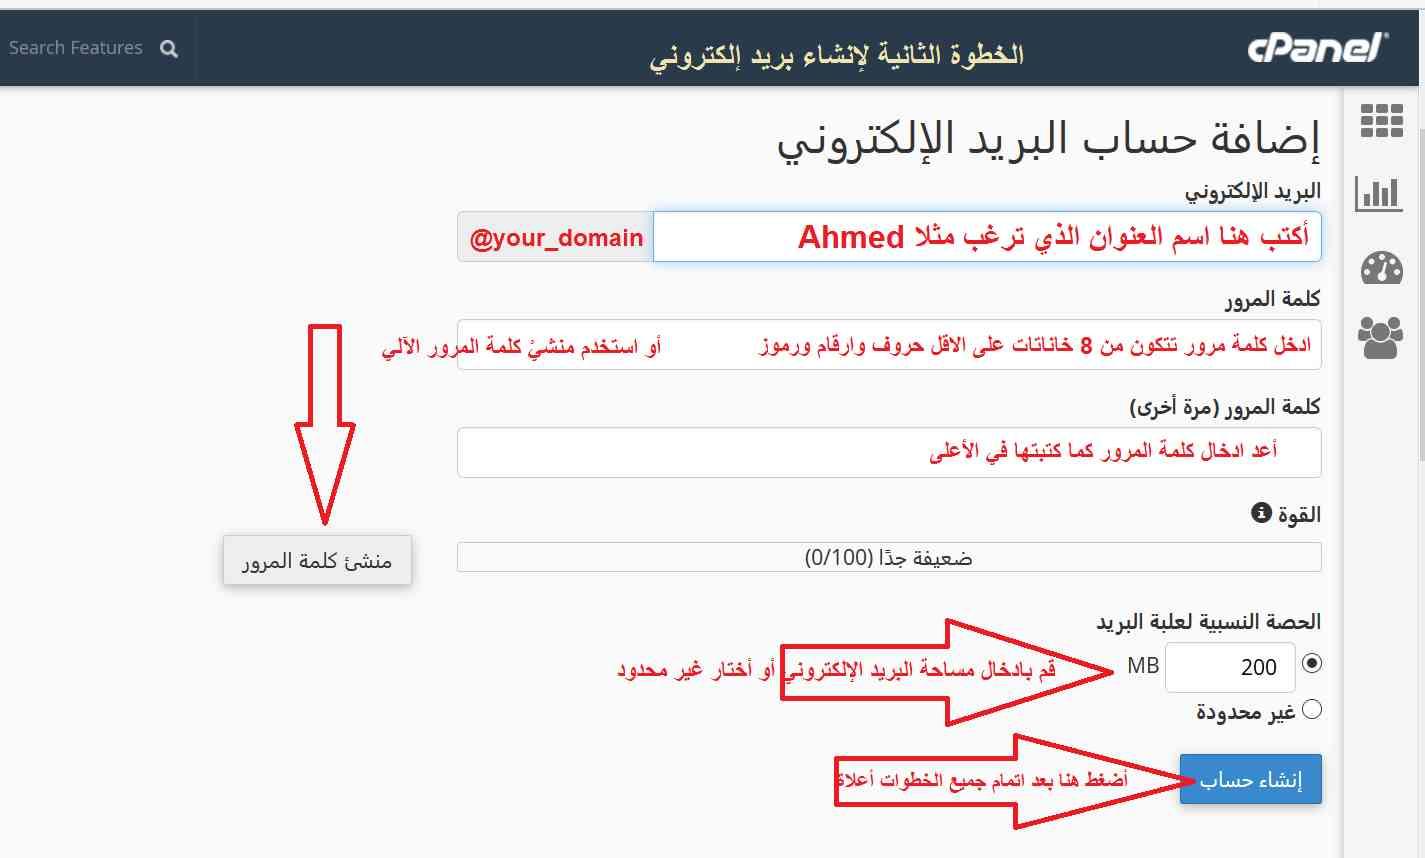 خطوات انشاء بريد الكتروني